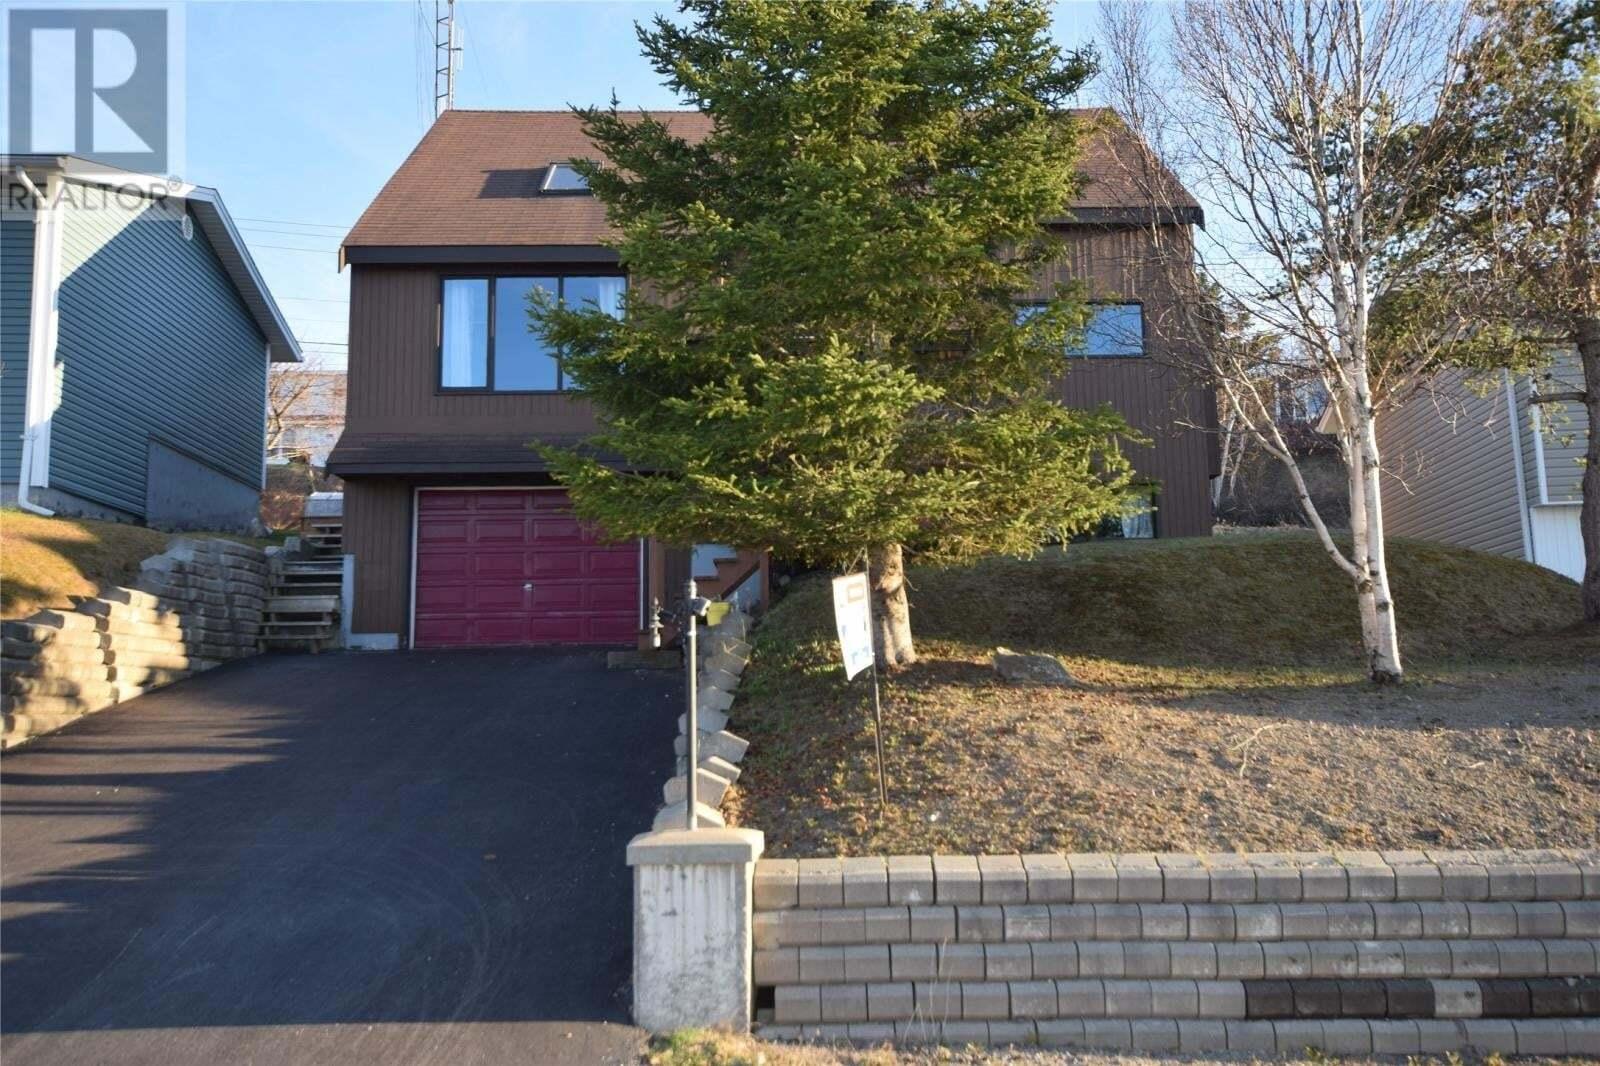 House for sale at 21 Tudor St Corner Brook Newfoundland - MLS: 1213048